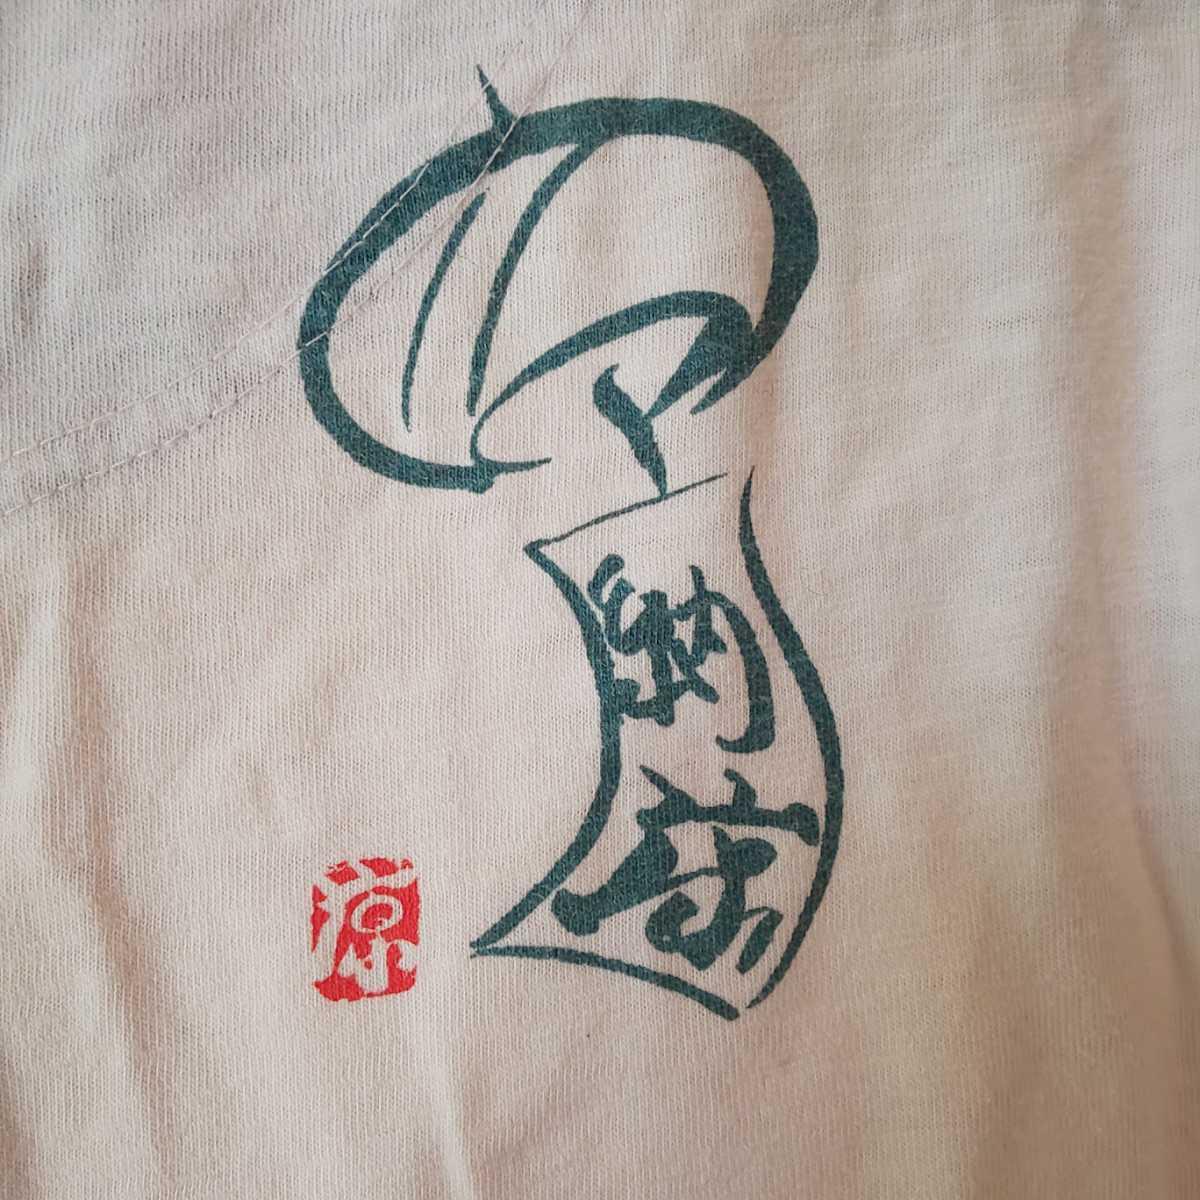 1円スタート! レディースMサイズ 半袖Tシャツ ロゴT 納涼 夏物 女性用 部屋着 楽ちん 普段着 中古 akichan7777jp_画像5